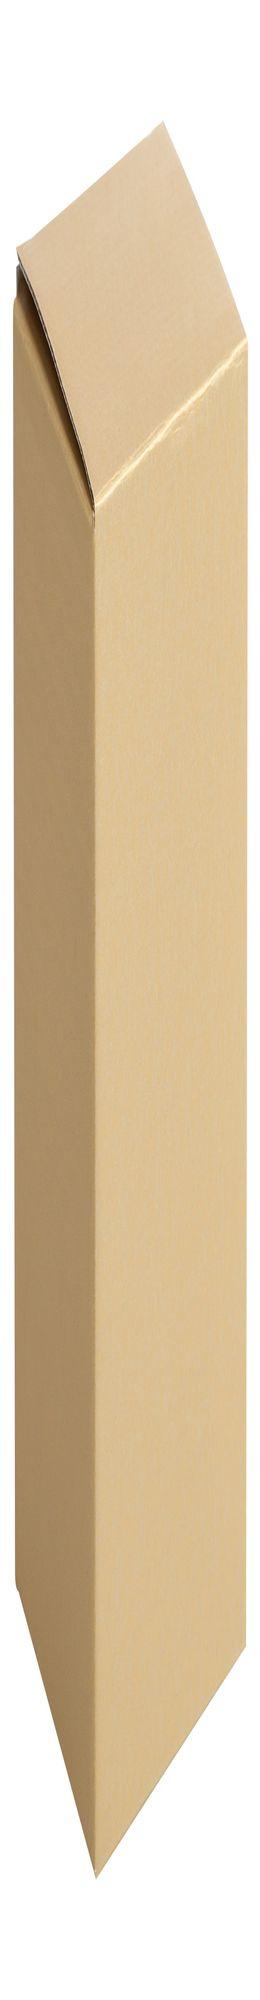 Коробка для кружки, золотистая фото